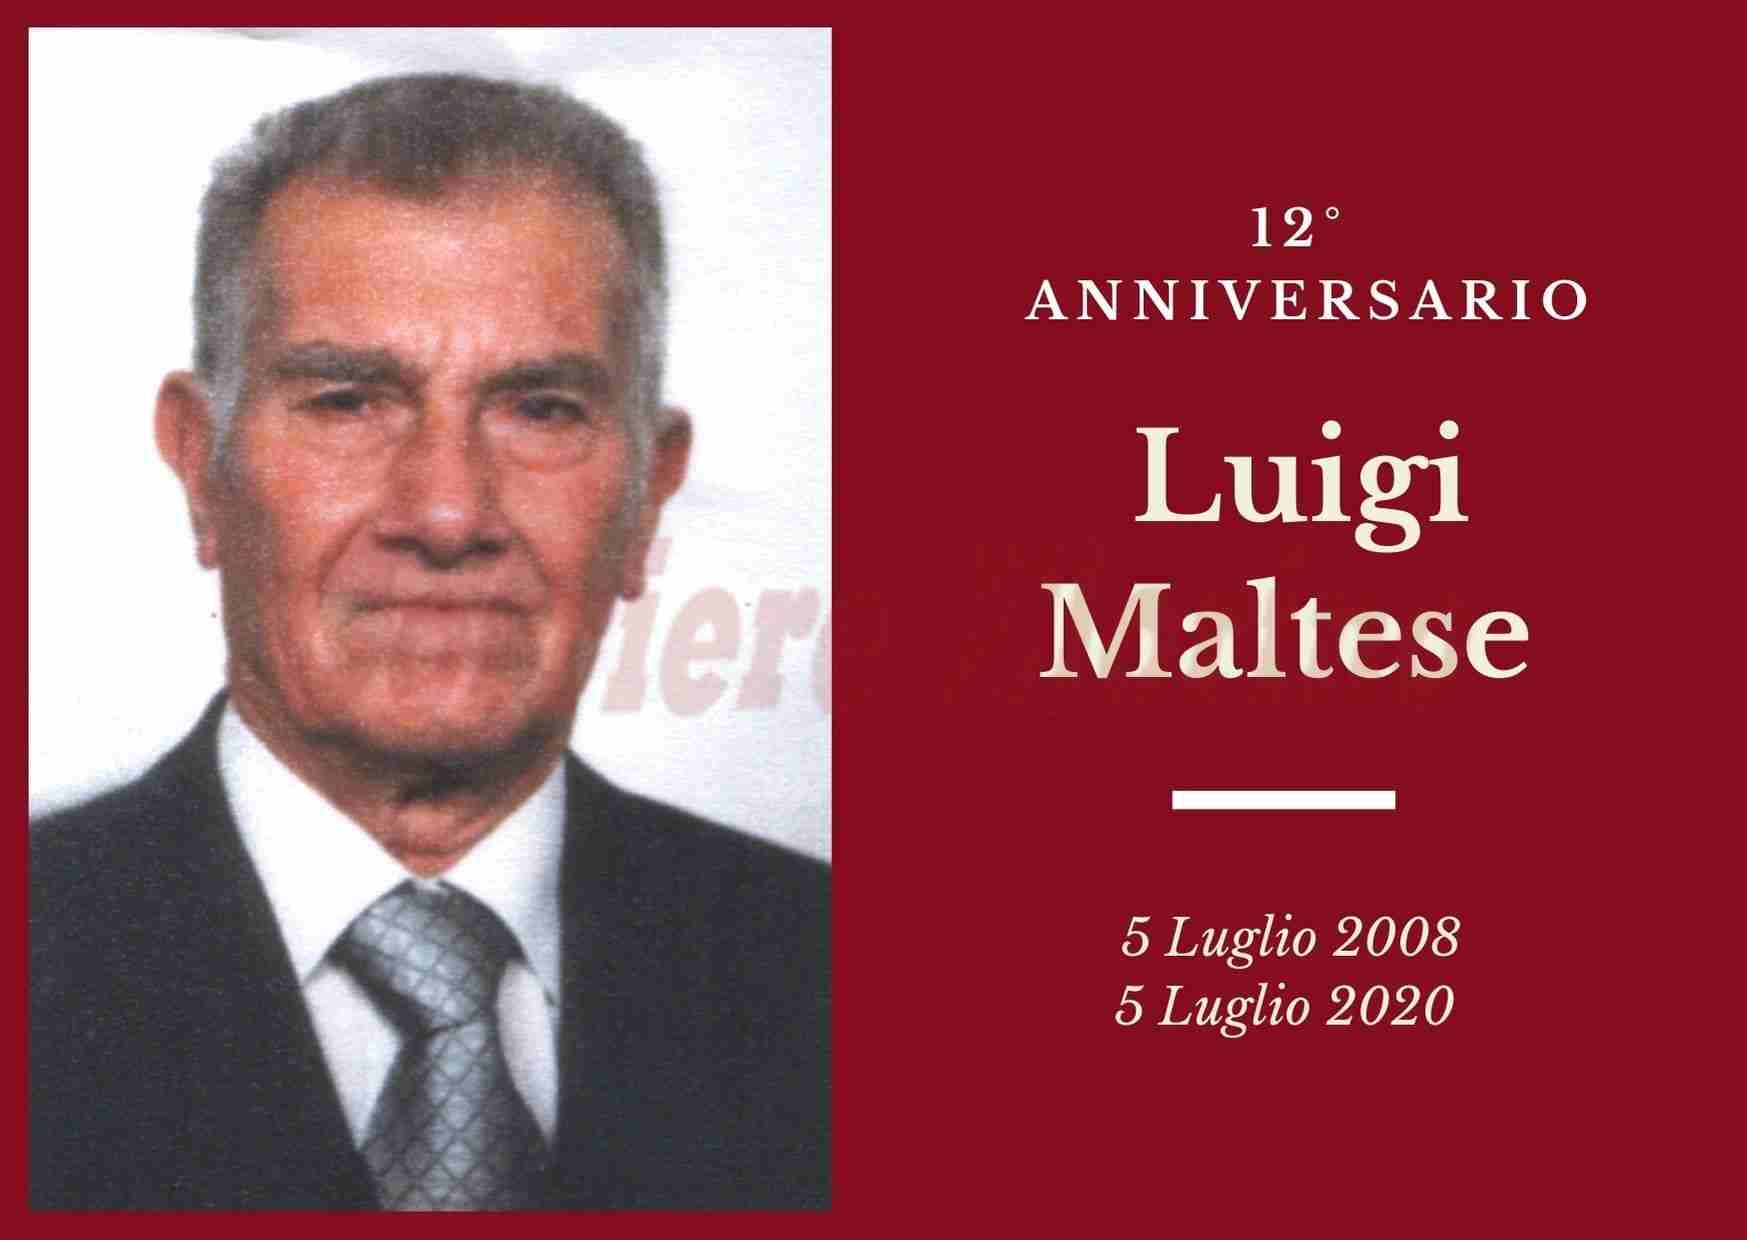 Necrologio: ricorre oggi il 12° Anniversario di Luigi Maltese